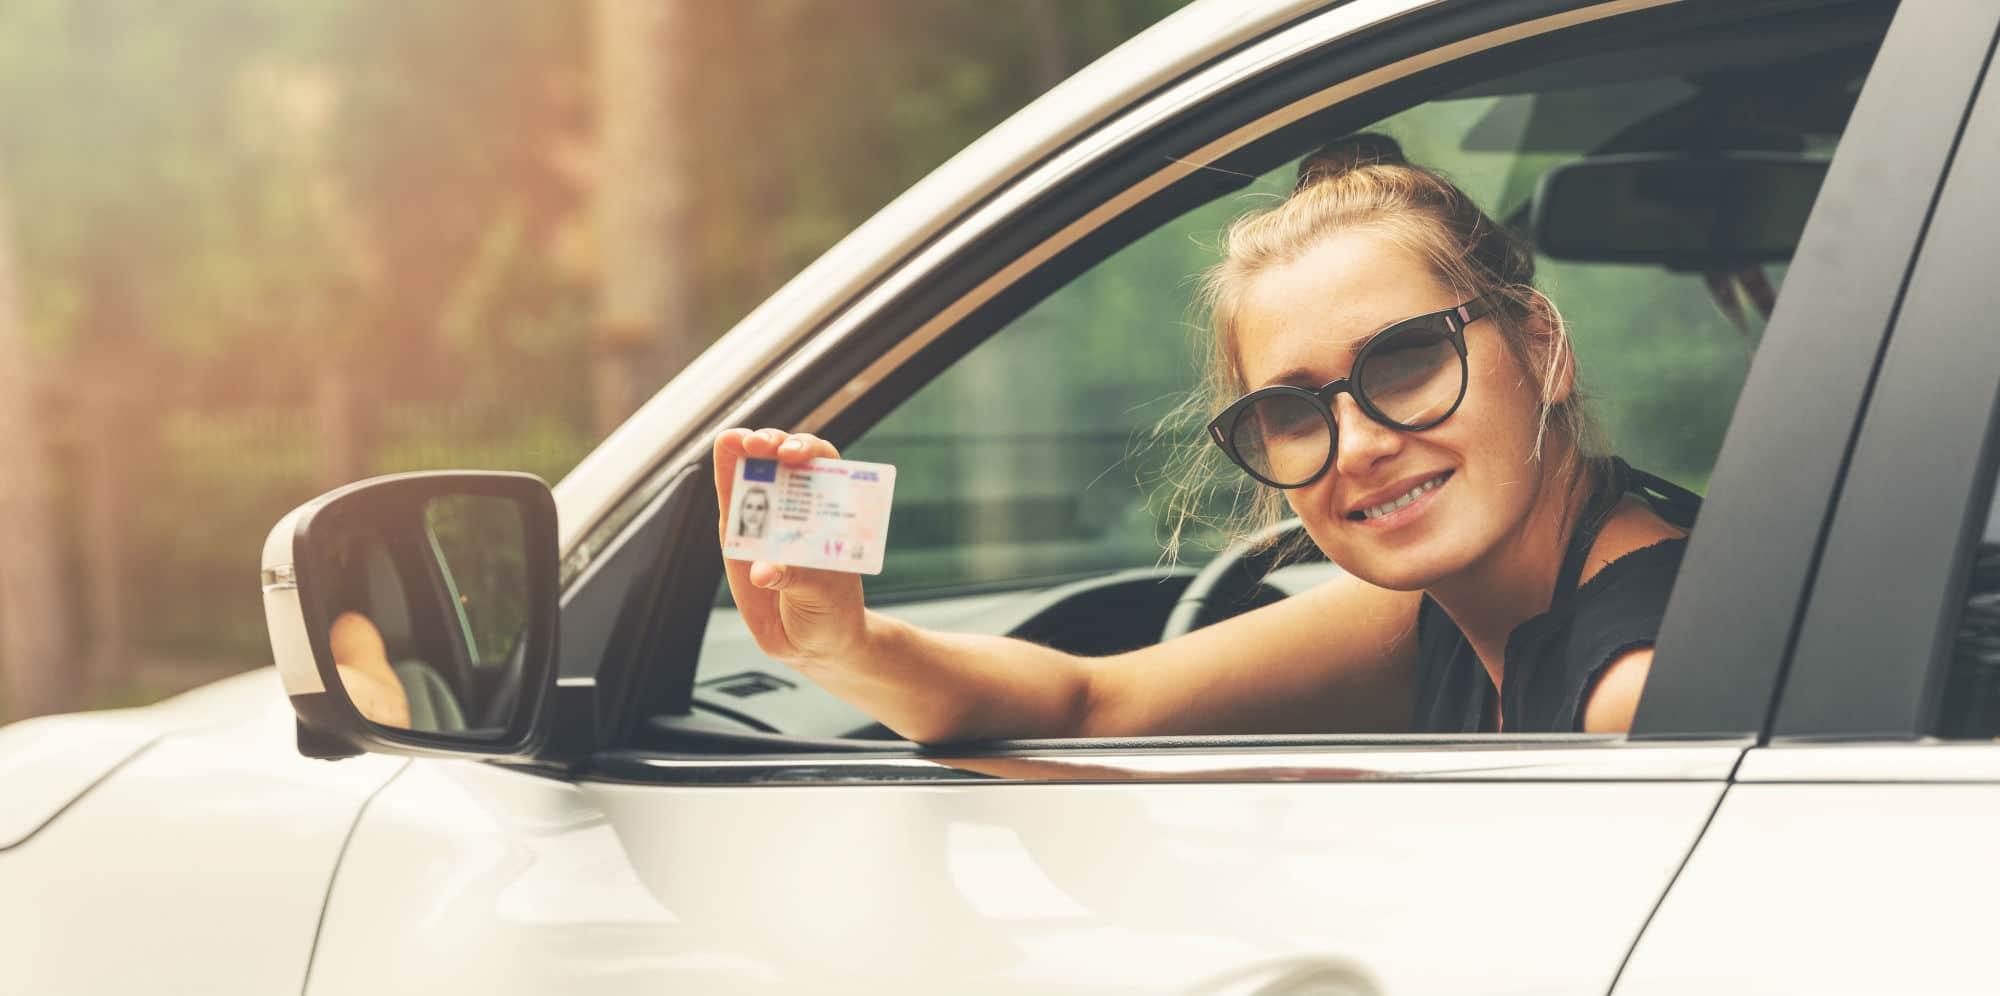 Passer le permis avec une auto école sur internet